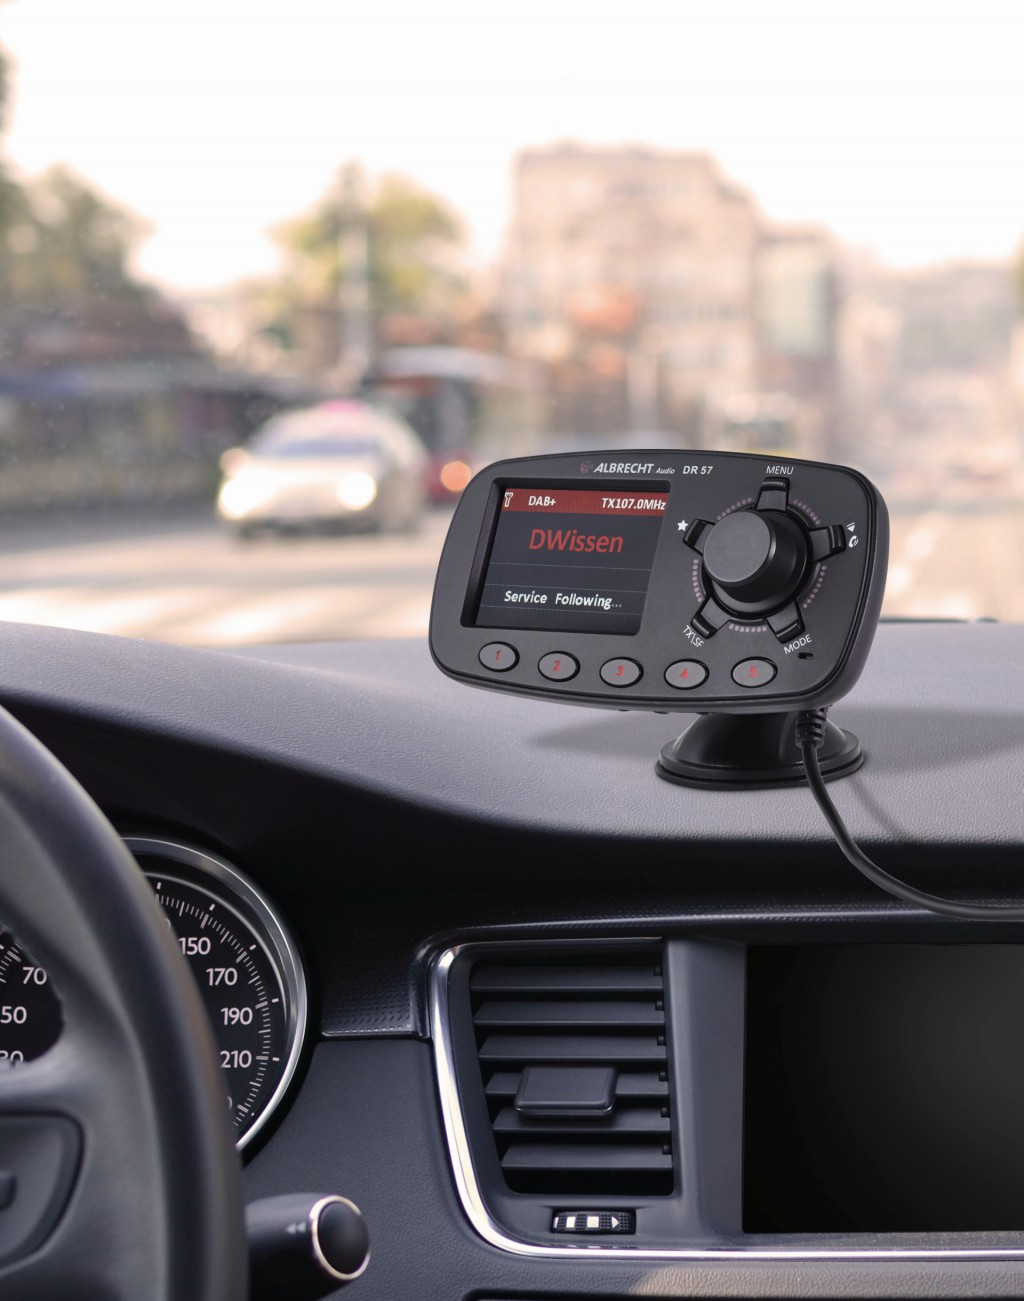 Alan Albrecht bietet zum DAB+ Empfang auch Adapter fürs Auto an